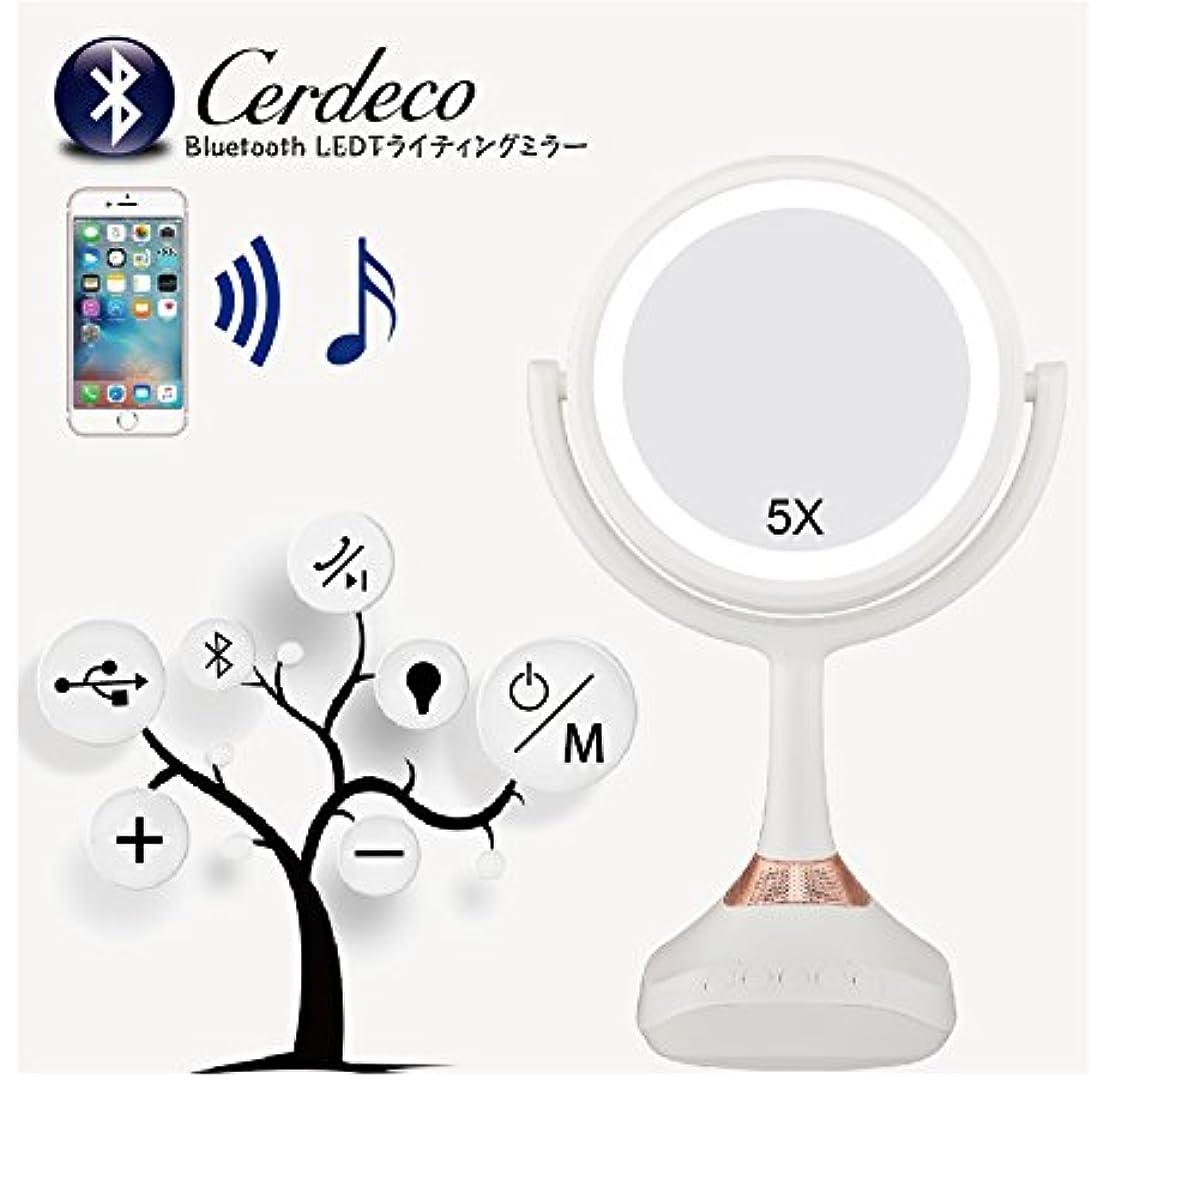 テロリストチューブ盟主(セーディコ)Cerdeco Bluetoothスピーカー LEDライティングミラー 5倍拡大率 ハンズフリー通話可能 USB給電 真実の両面鏡DX 鏡面φ153mm D638M (ホワイト?Bluetooth卓上鏡)